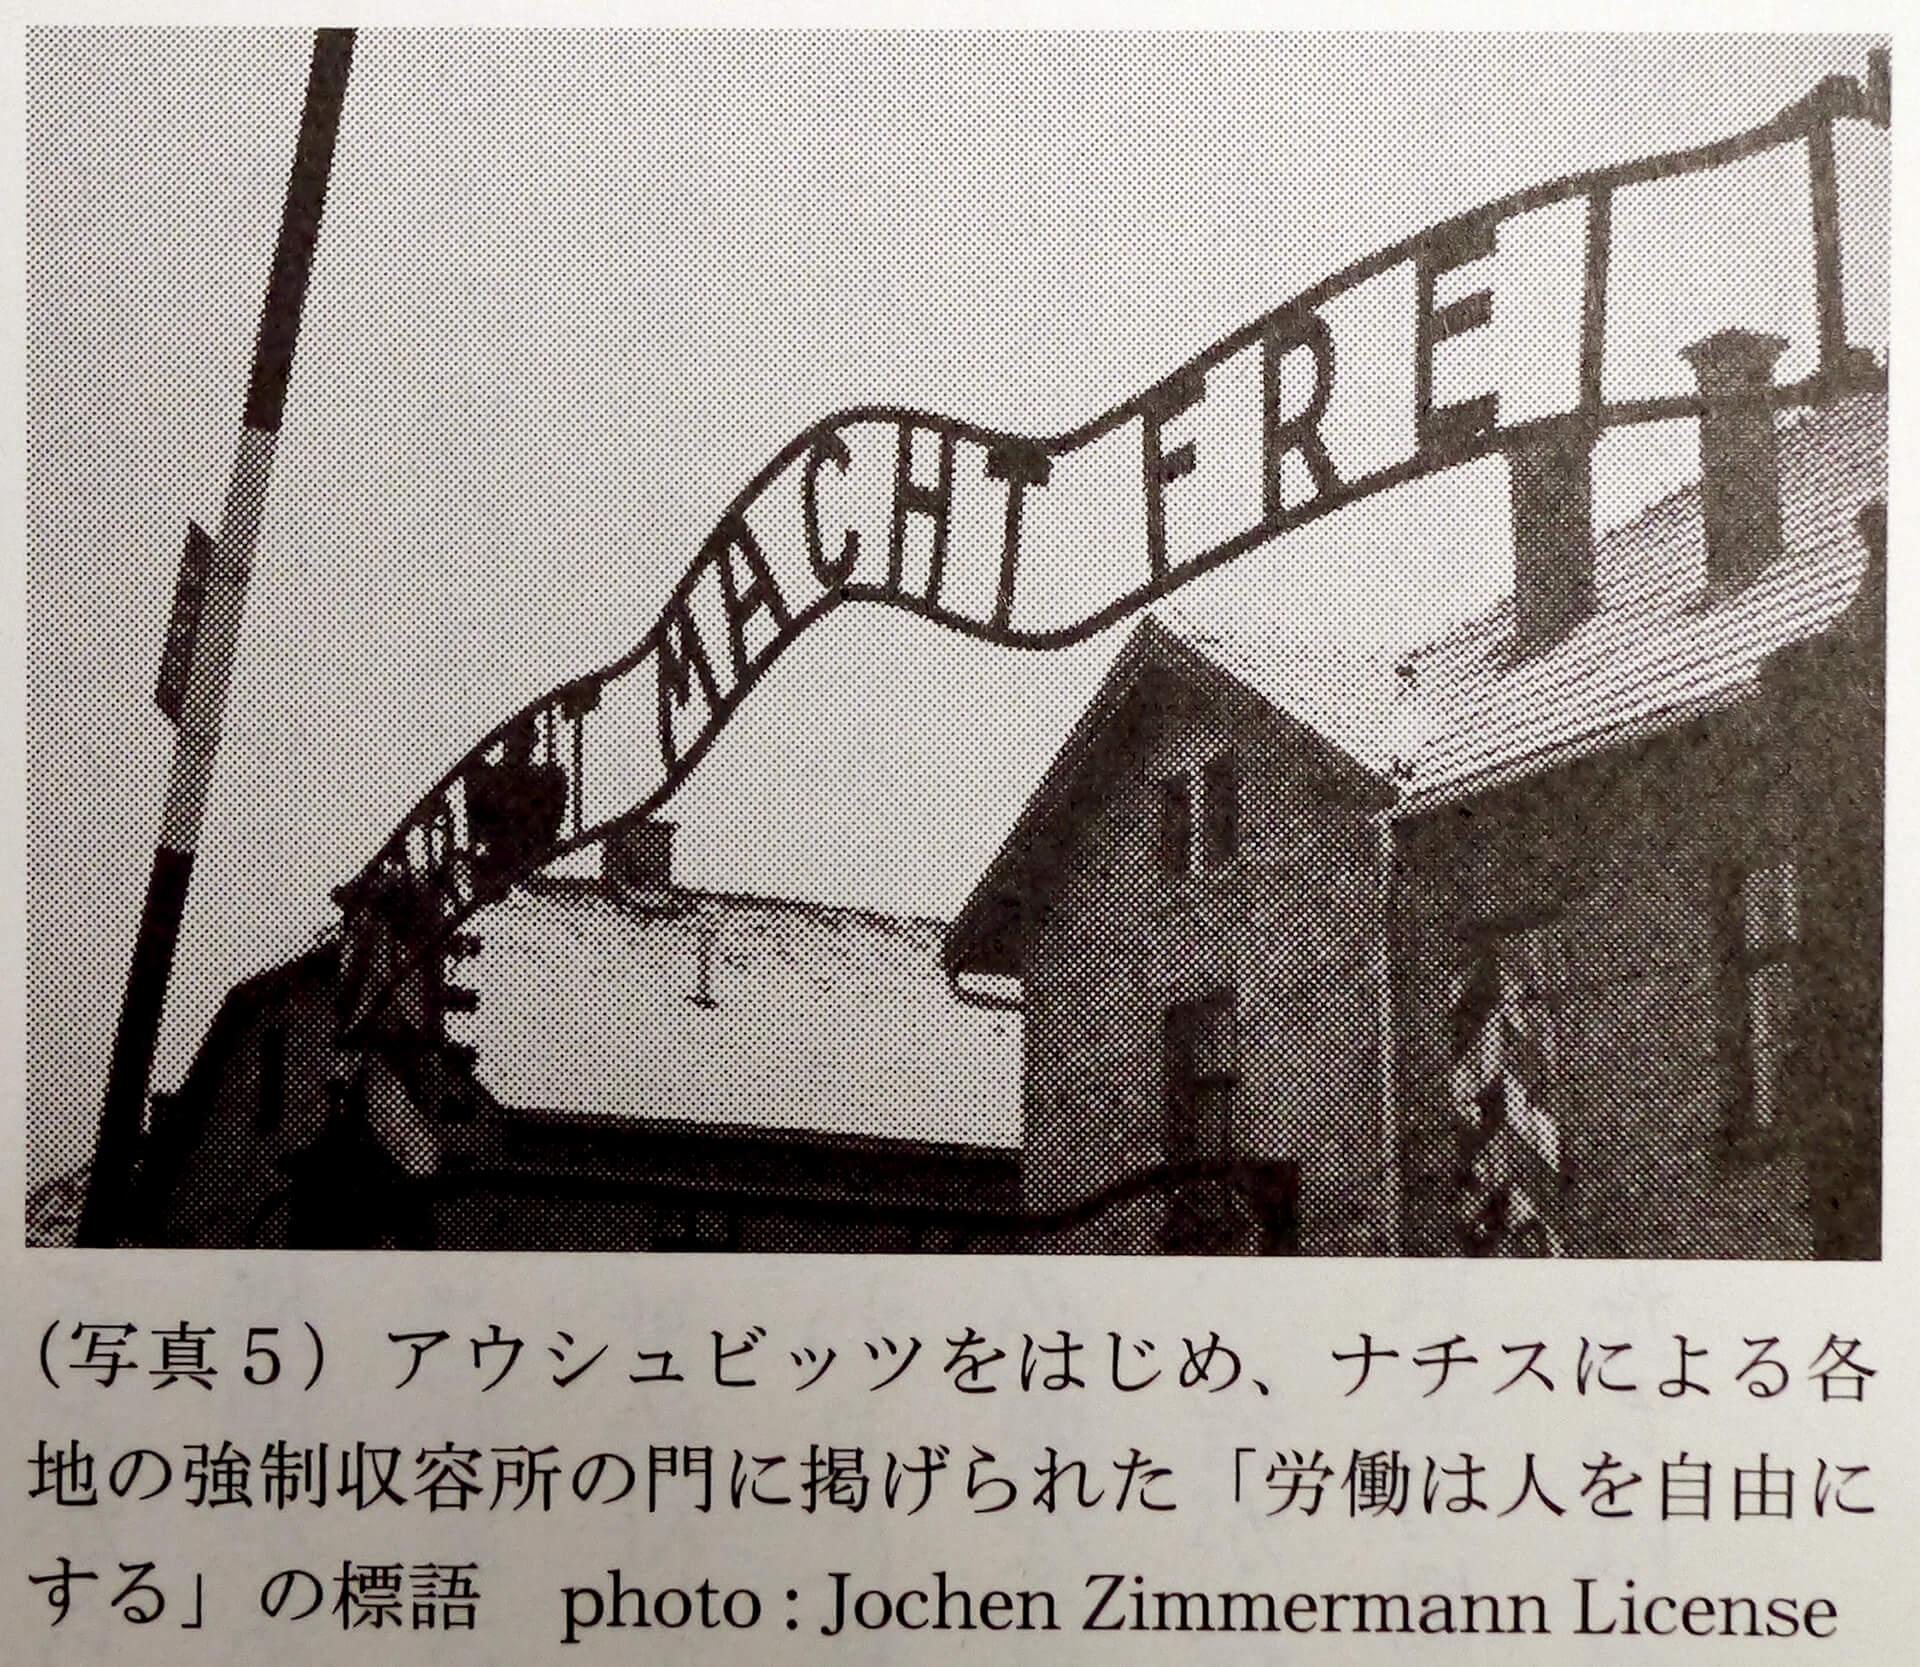 アウシュヴィッツ強制収容所の門にも書かれていた「労働は人を自由にする」という標語の画像